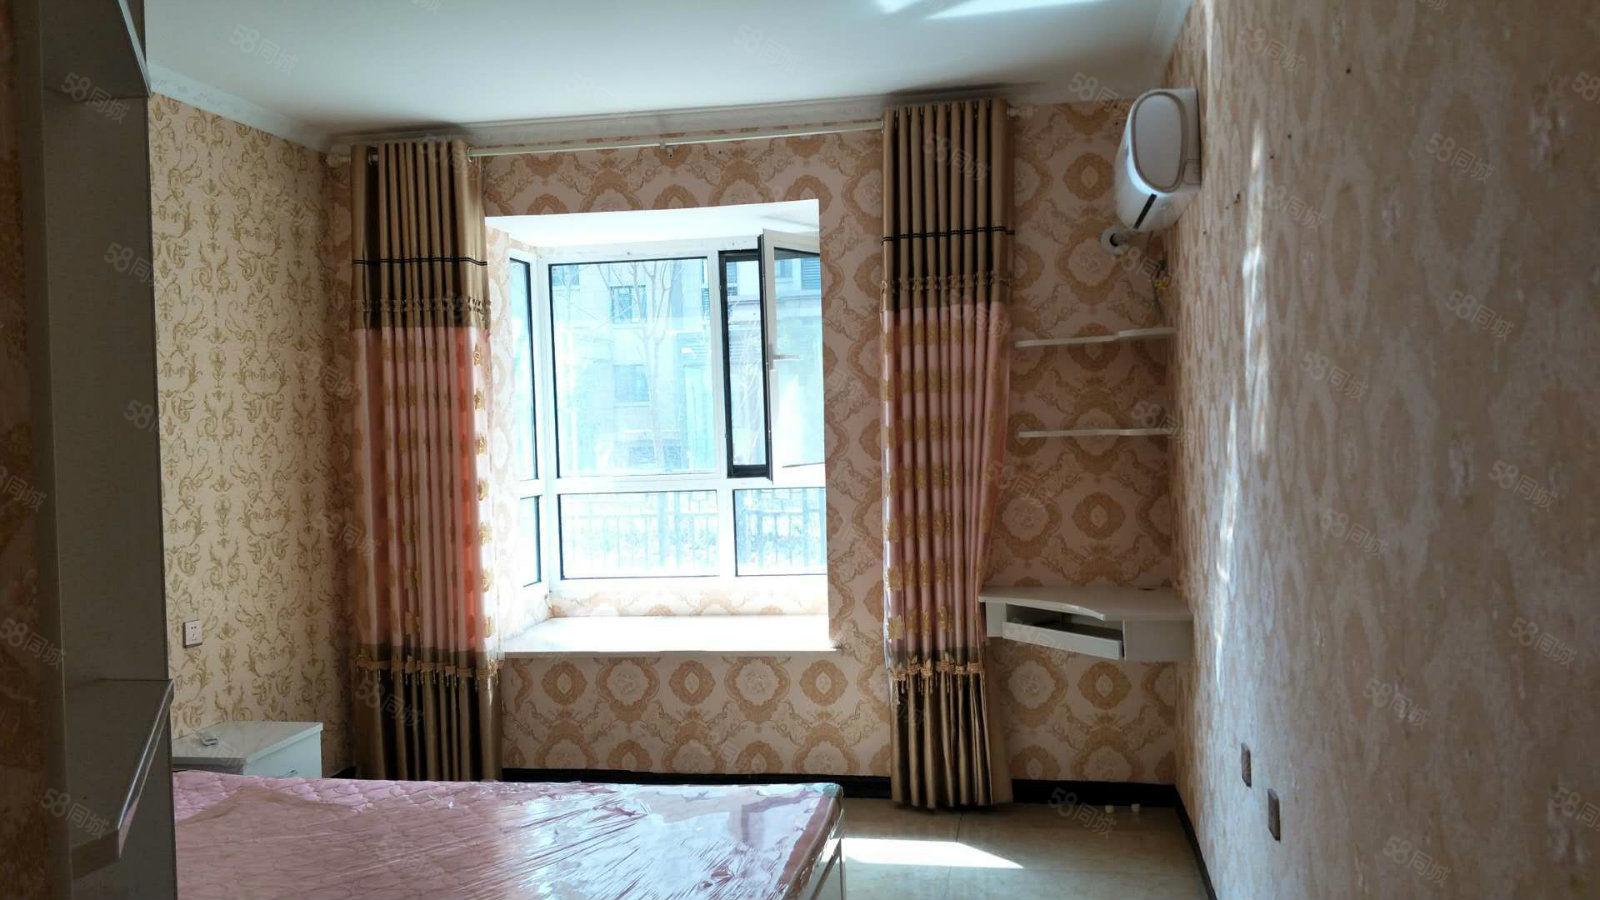 润丰锦尚精装公寓拎包入住小两口的不二选择